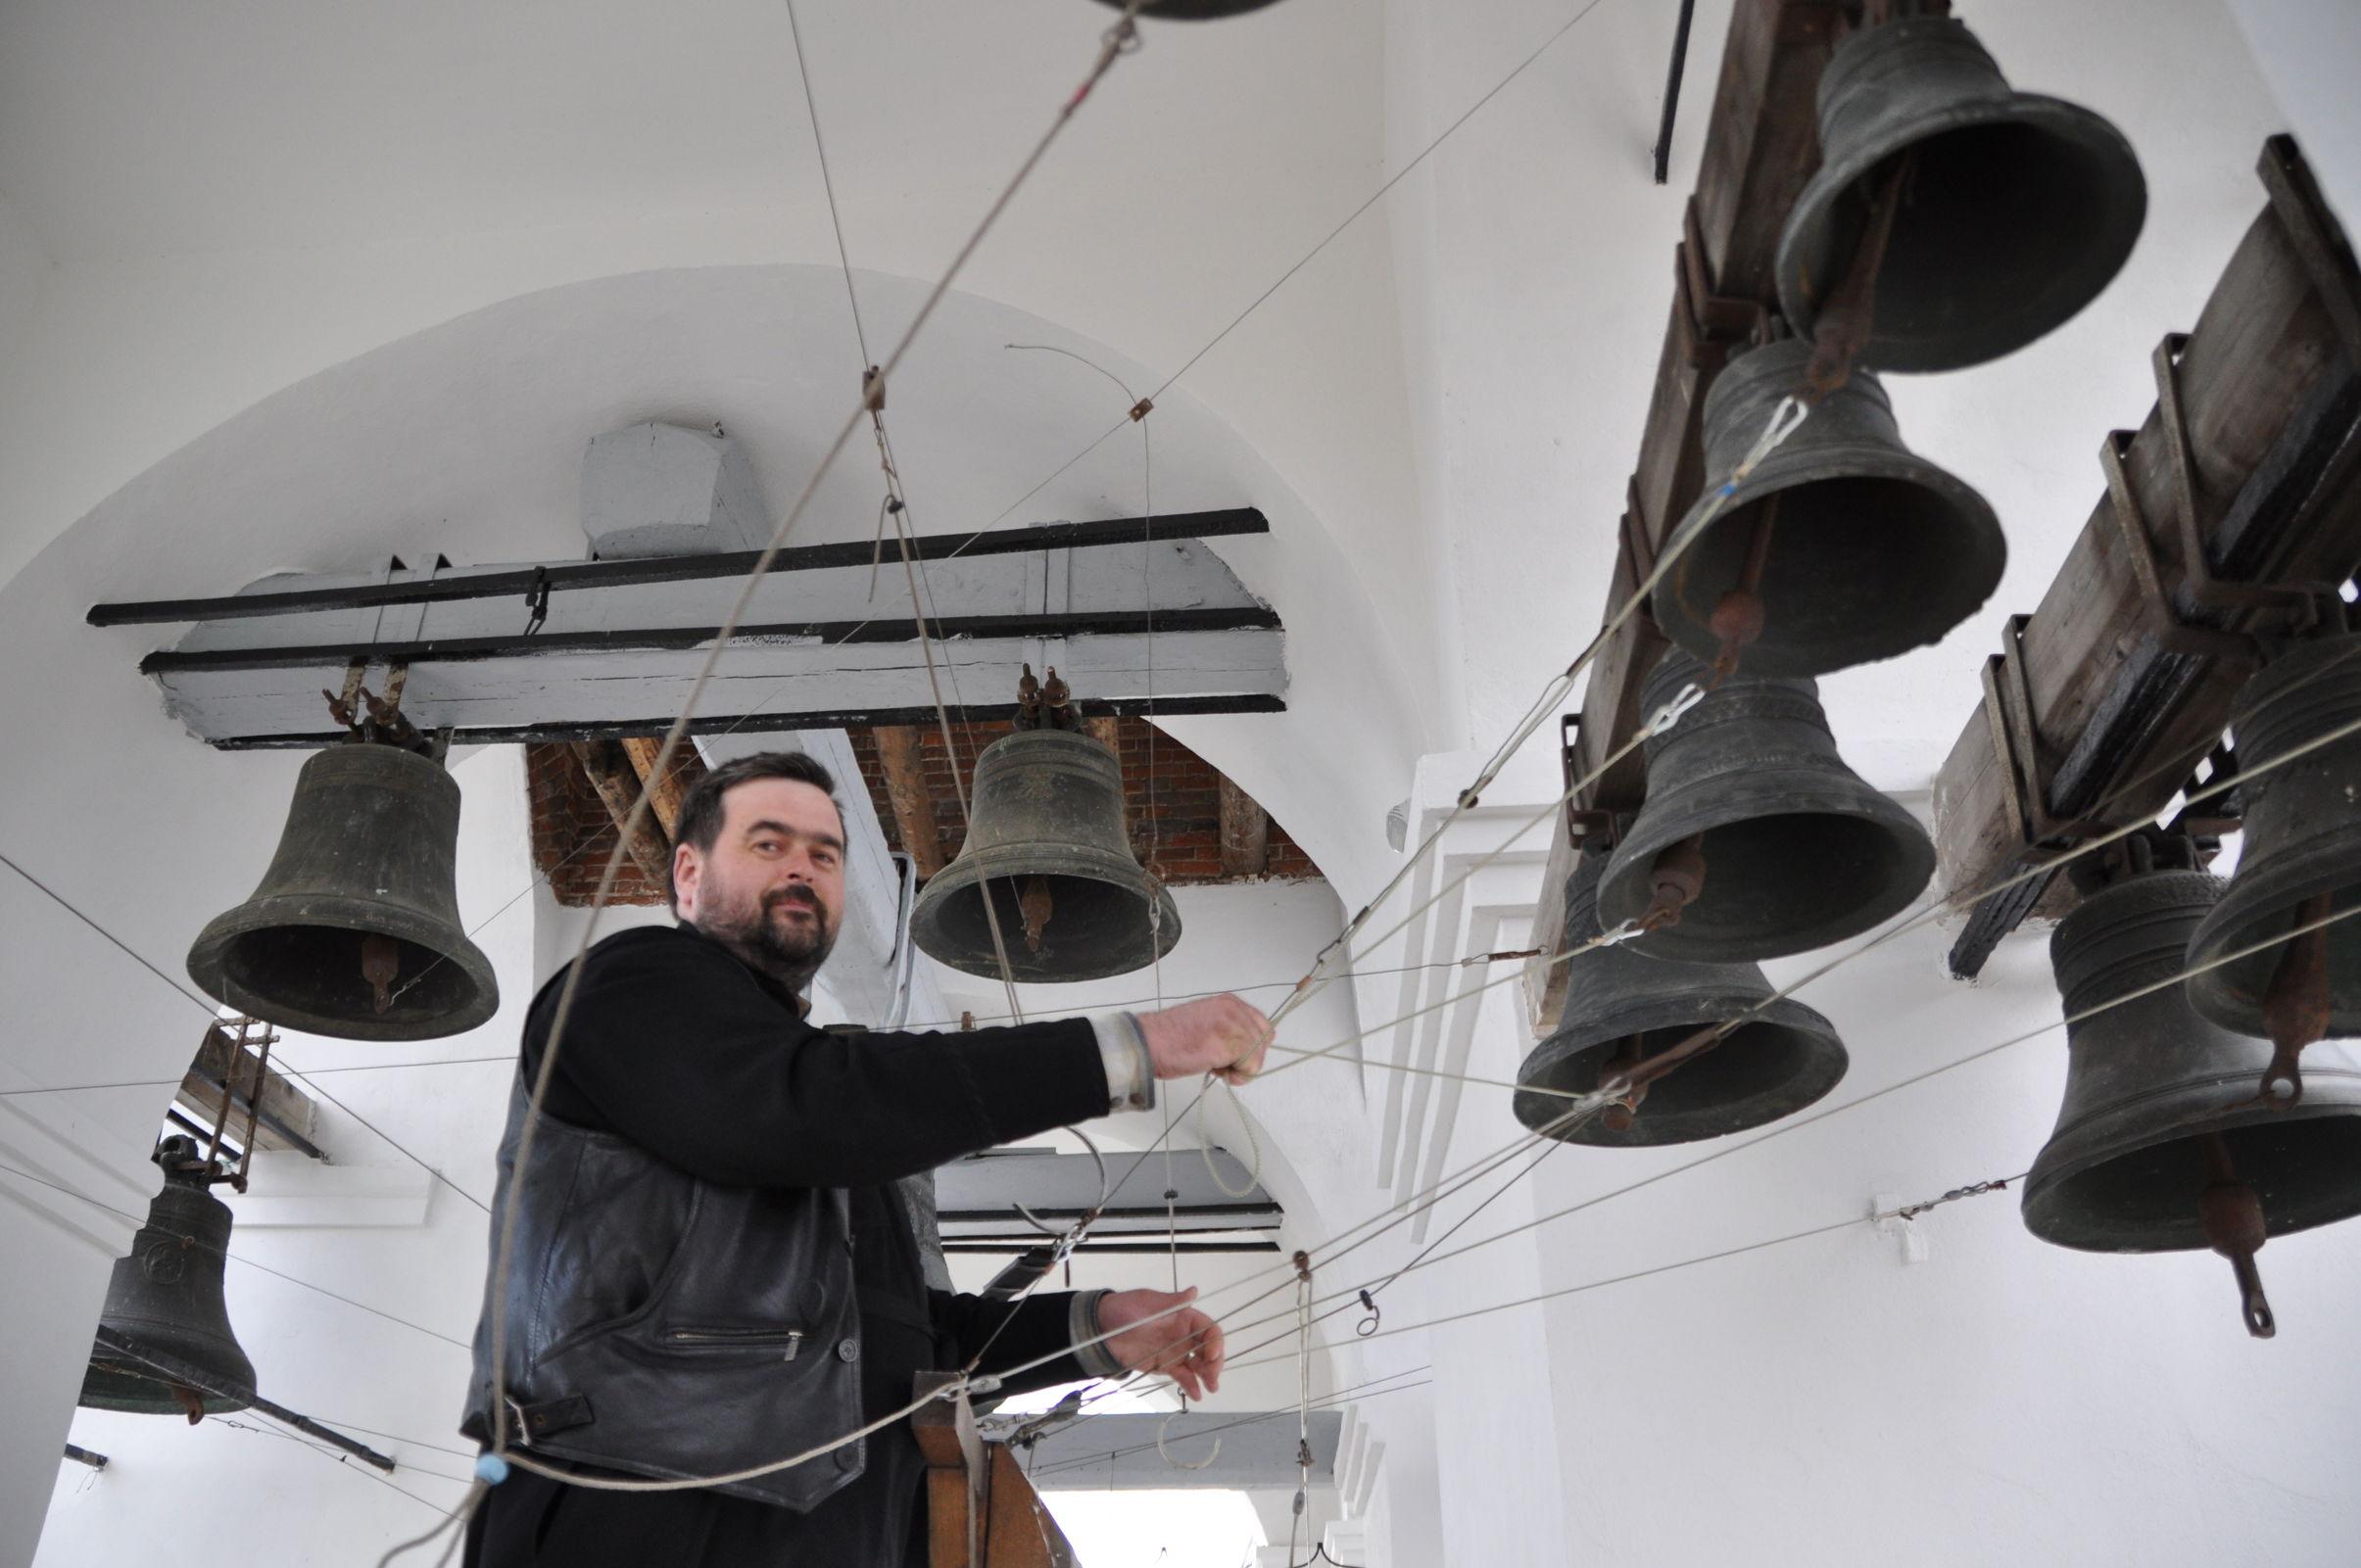 Фестиваль искусств «Преображение» в этом году посвящен колоколам